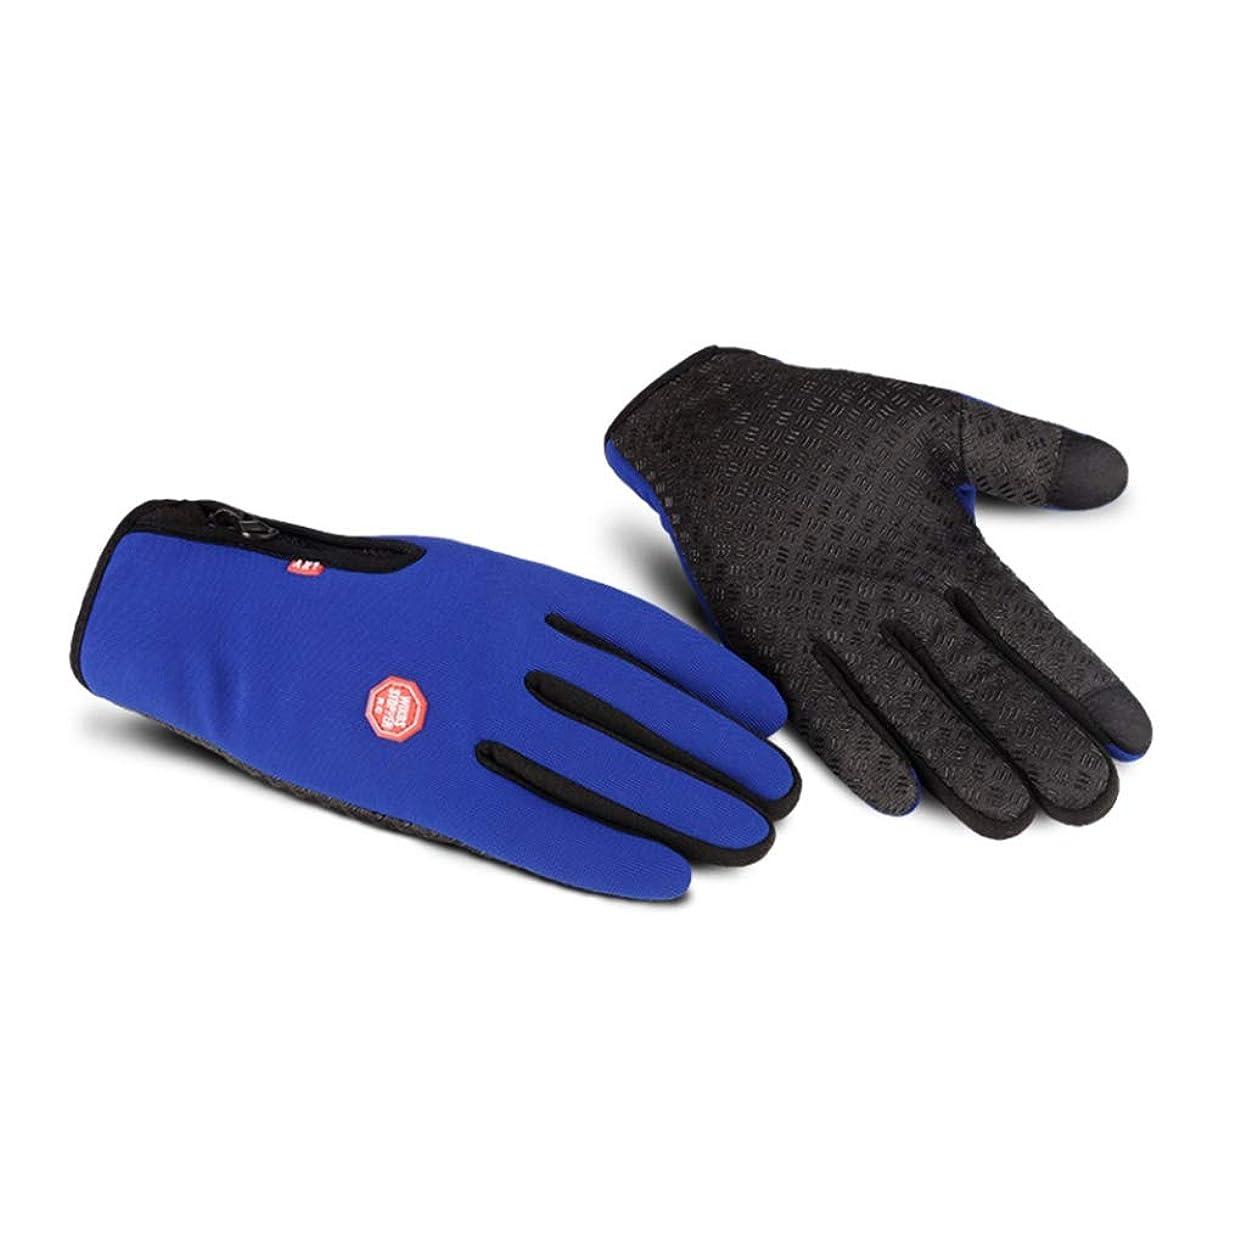 文庫本追い付く一握り手袋の男性の秋と冬の自転車電動バイクの女性のタッチスクリーンはすべて防風ノンスリップ暖かい冬のコールドプラスベルベット弾性手袋を意味する (色 : 青)